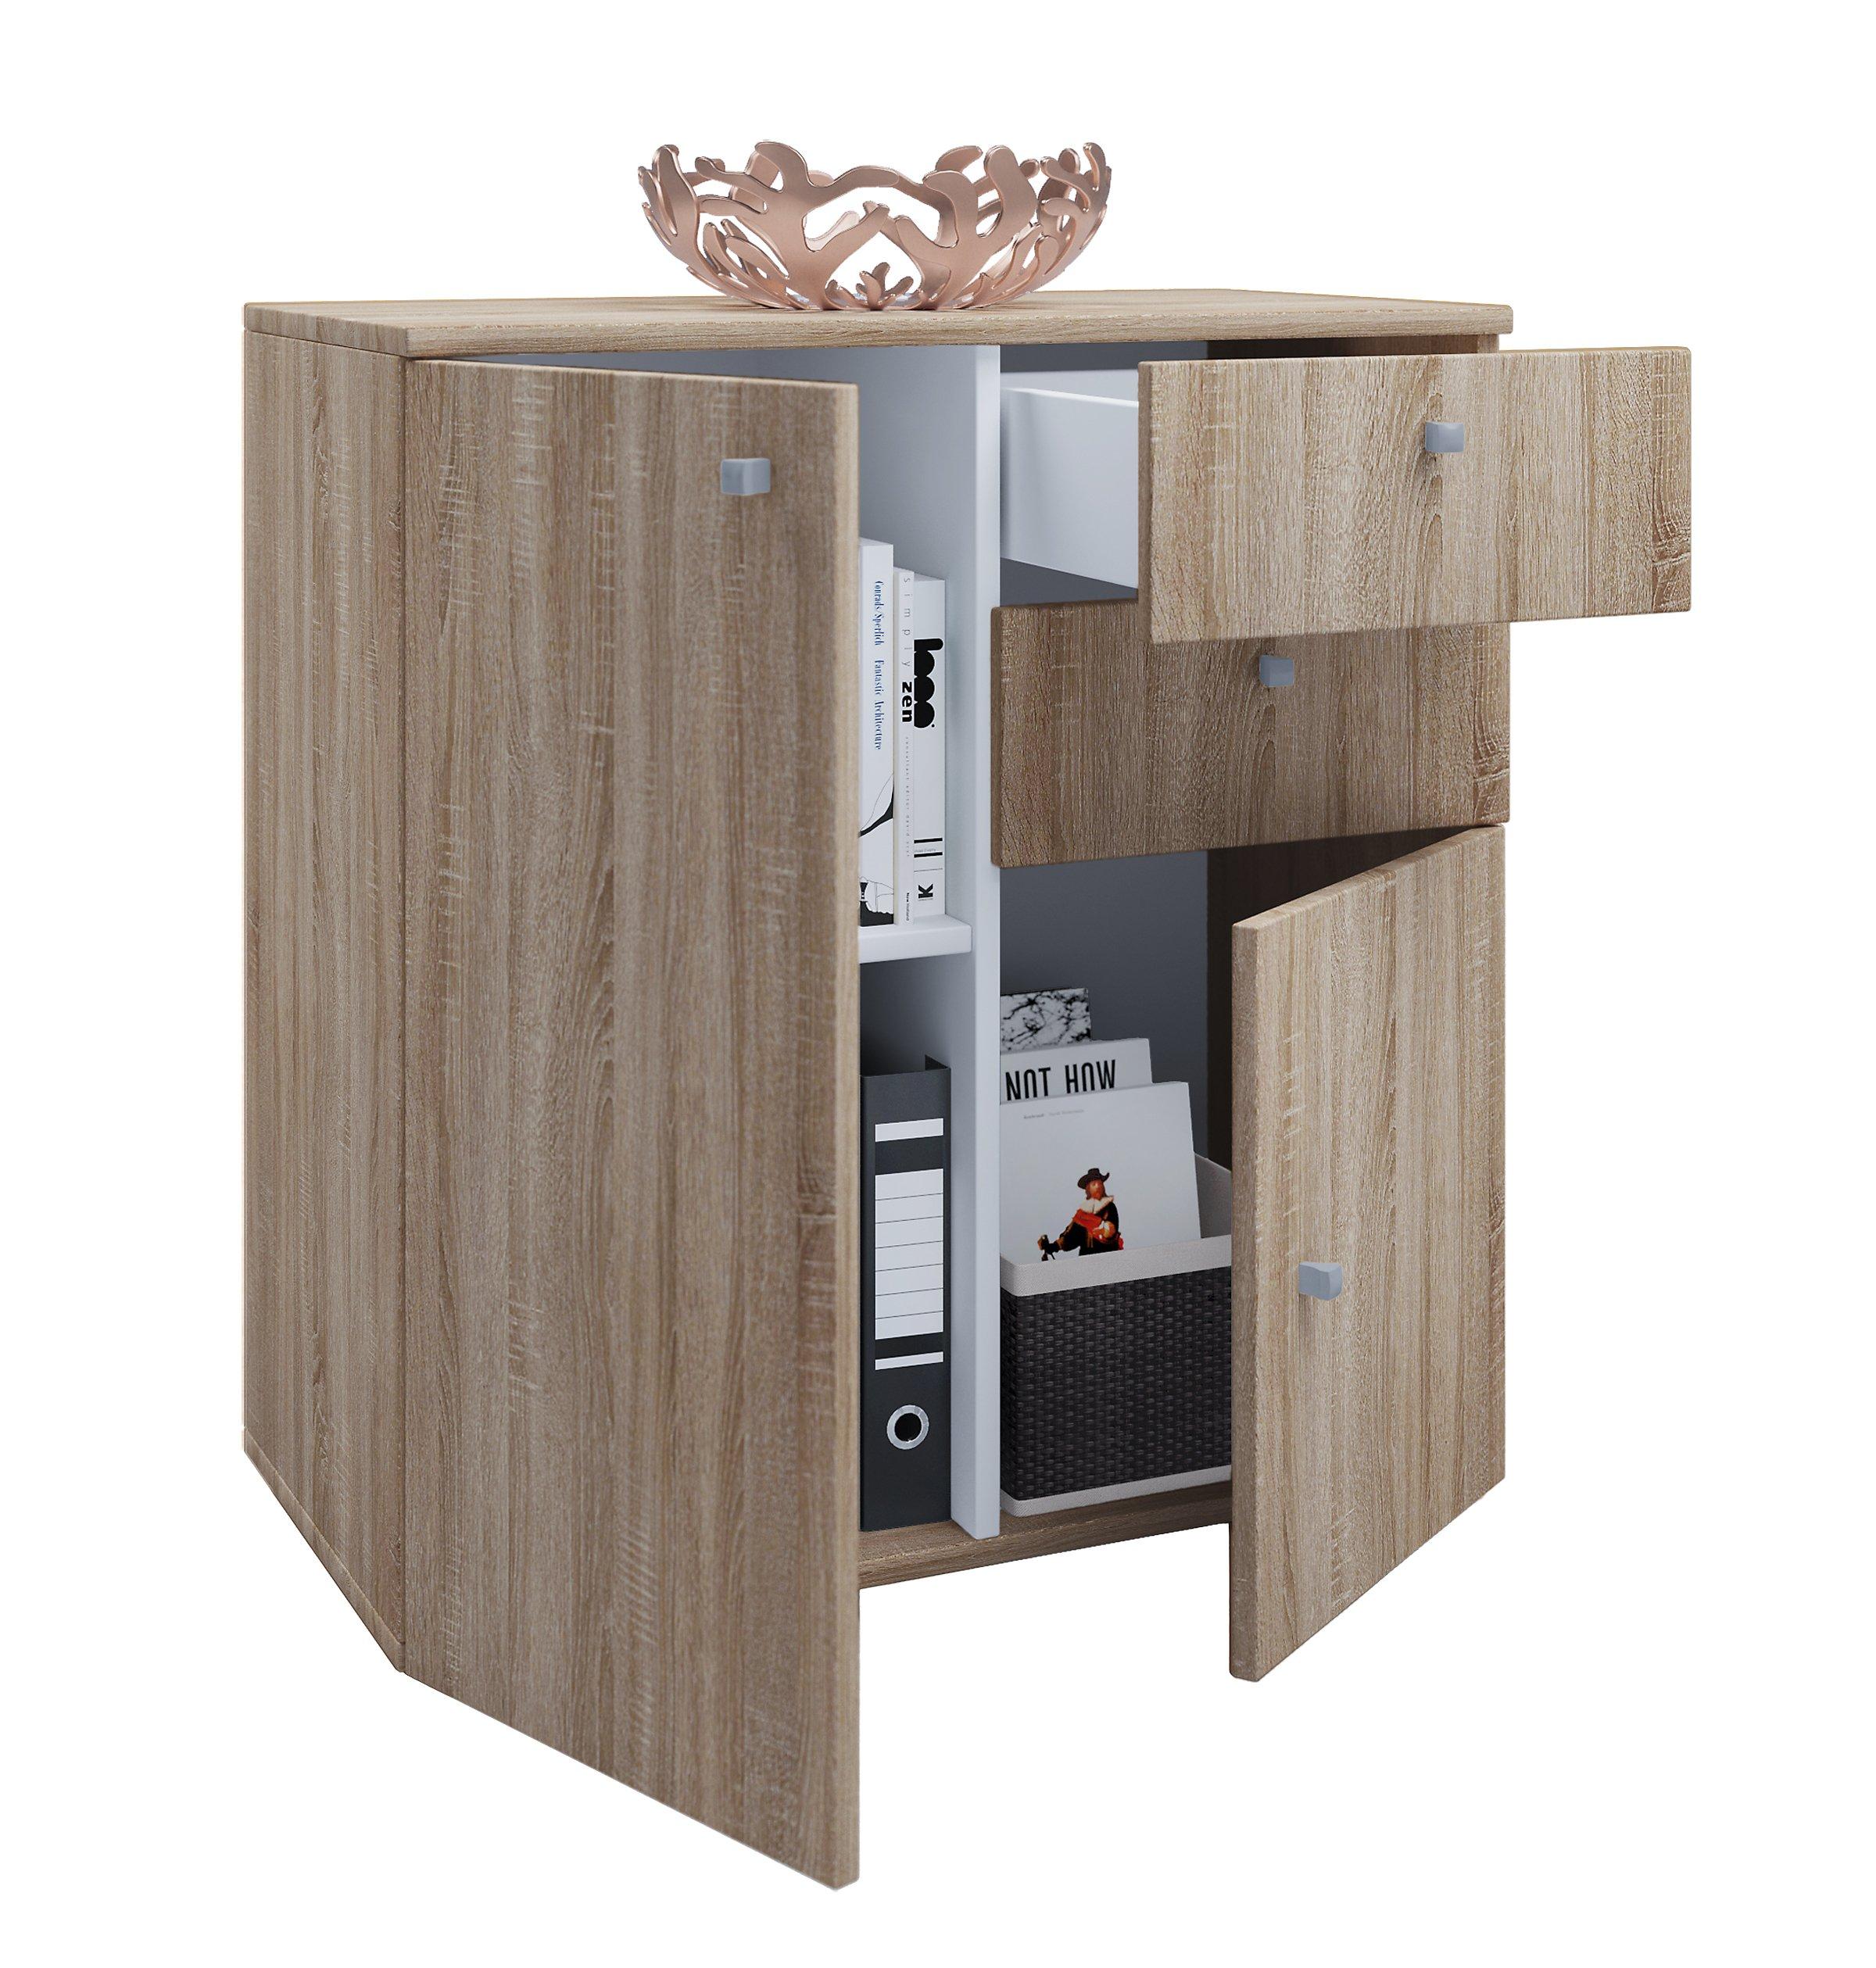 vcm sideboard kommode universal schrank regal vandol vcm schrank vandol farbe vandol v2 sonoma. Black Bedroom Furniture Sets. Home Design Ideas